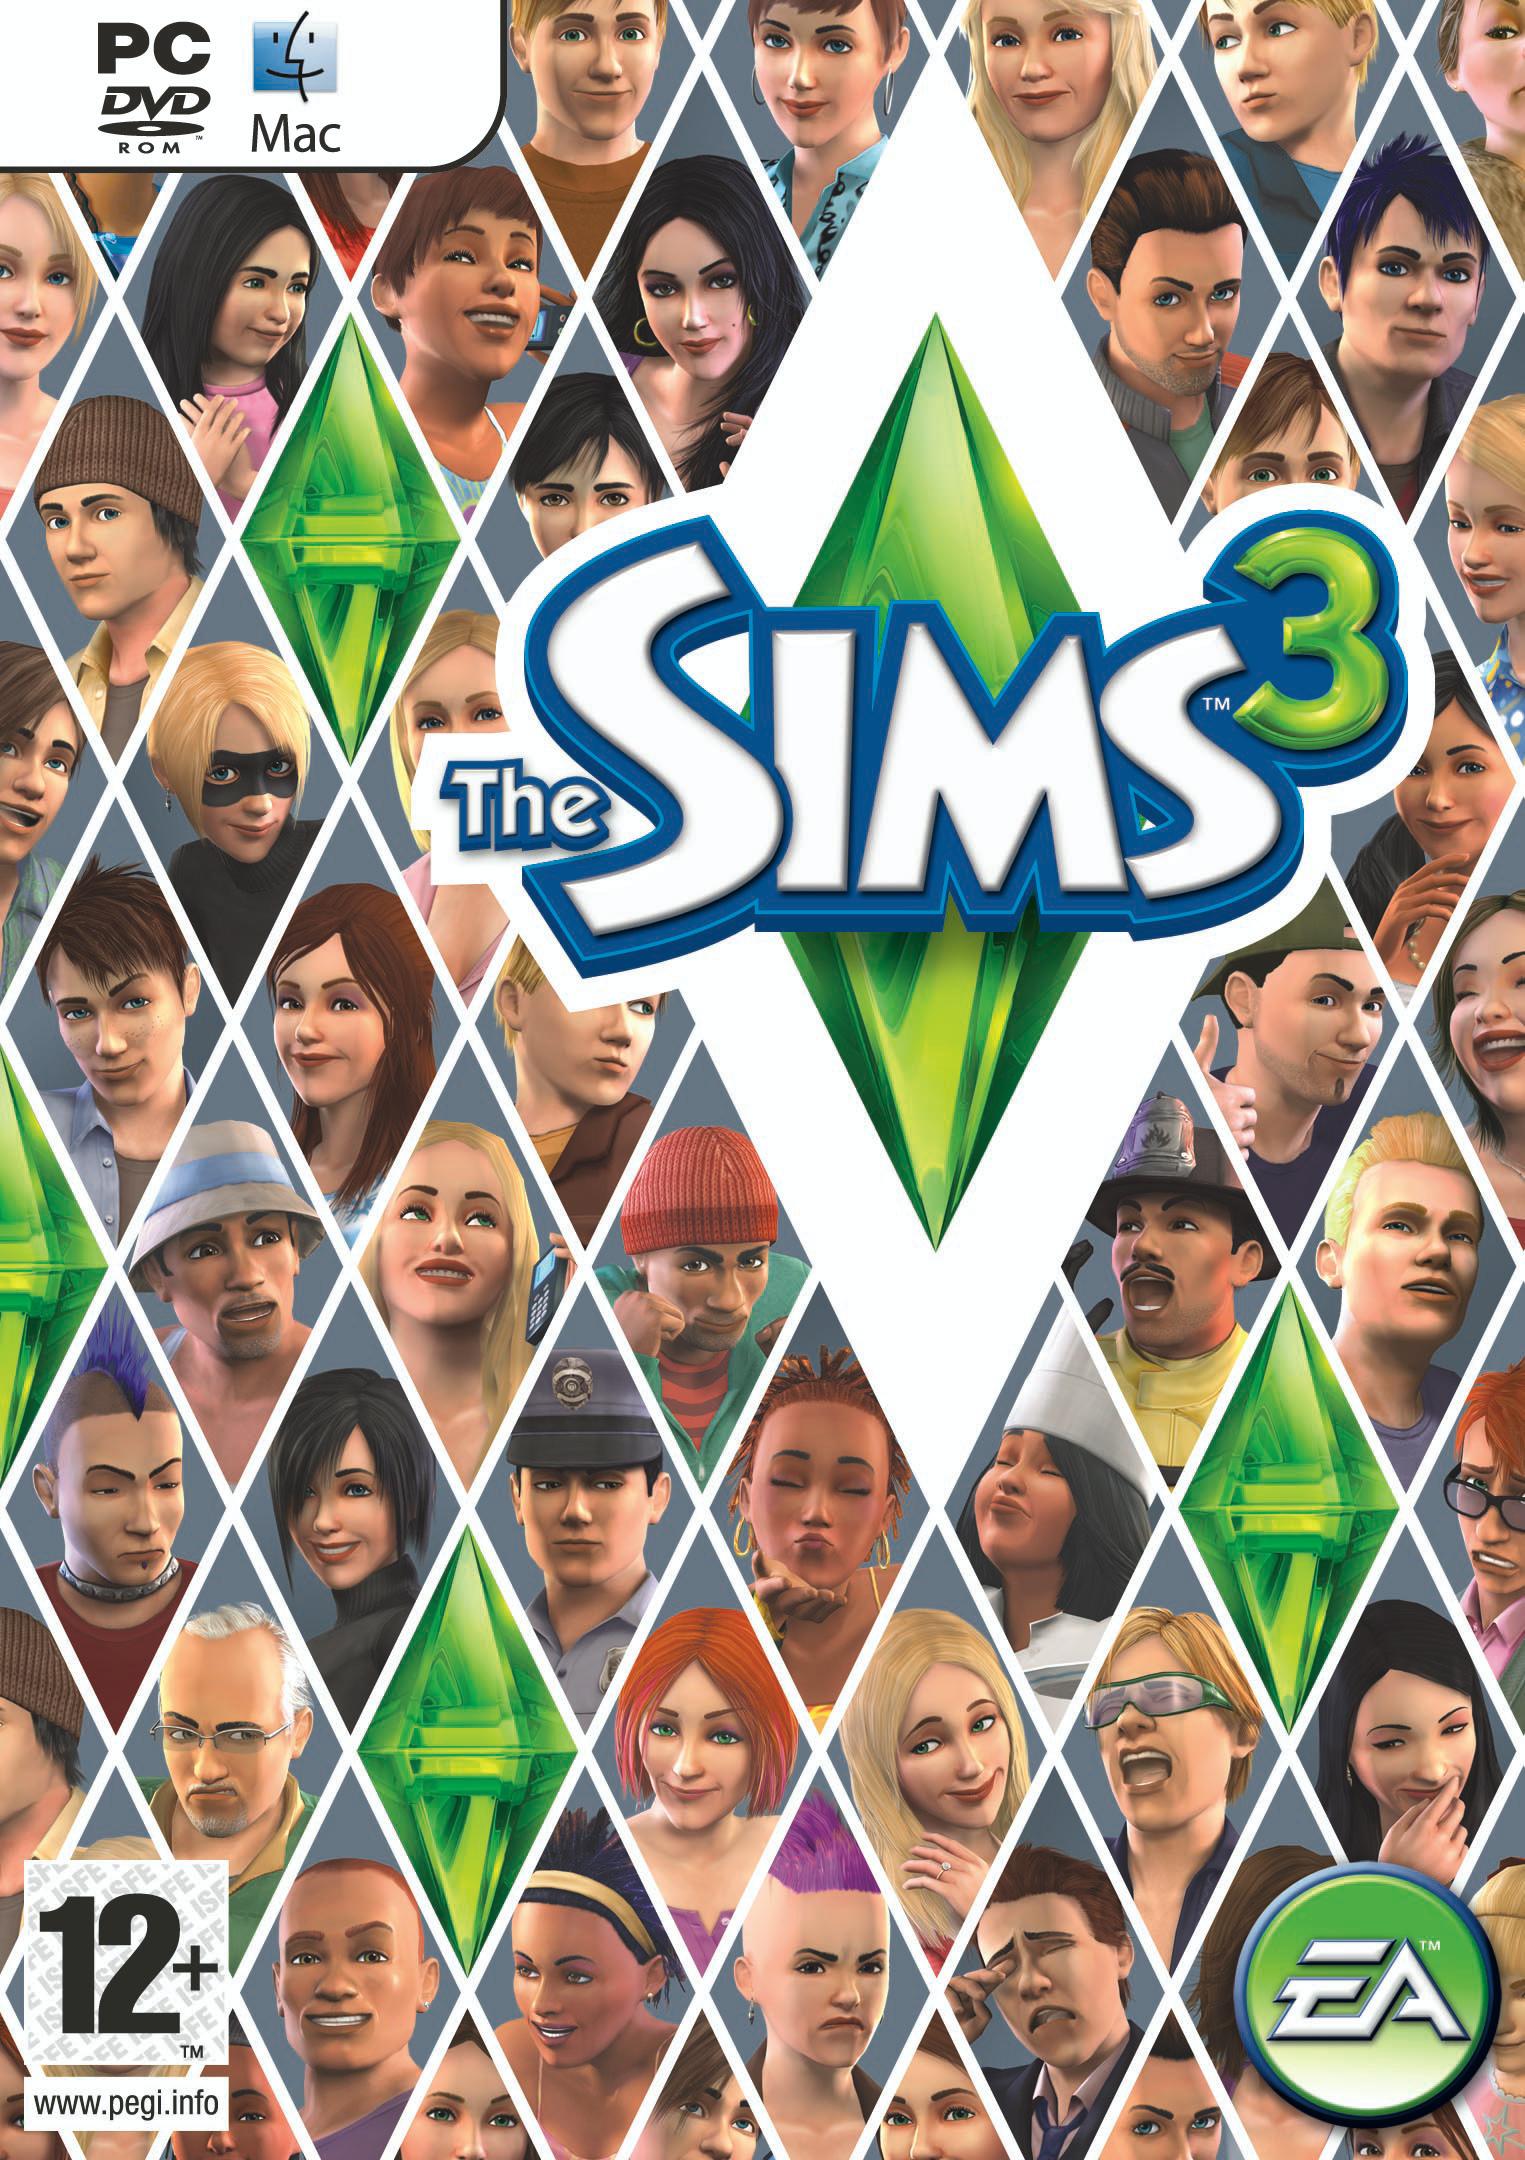 Los Sims 3 [Información]